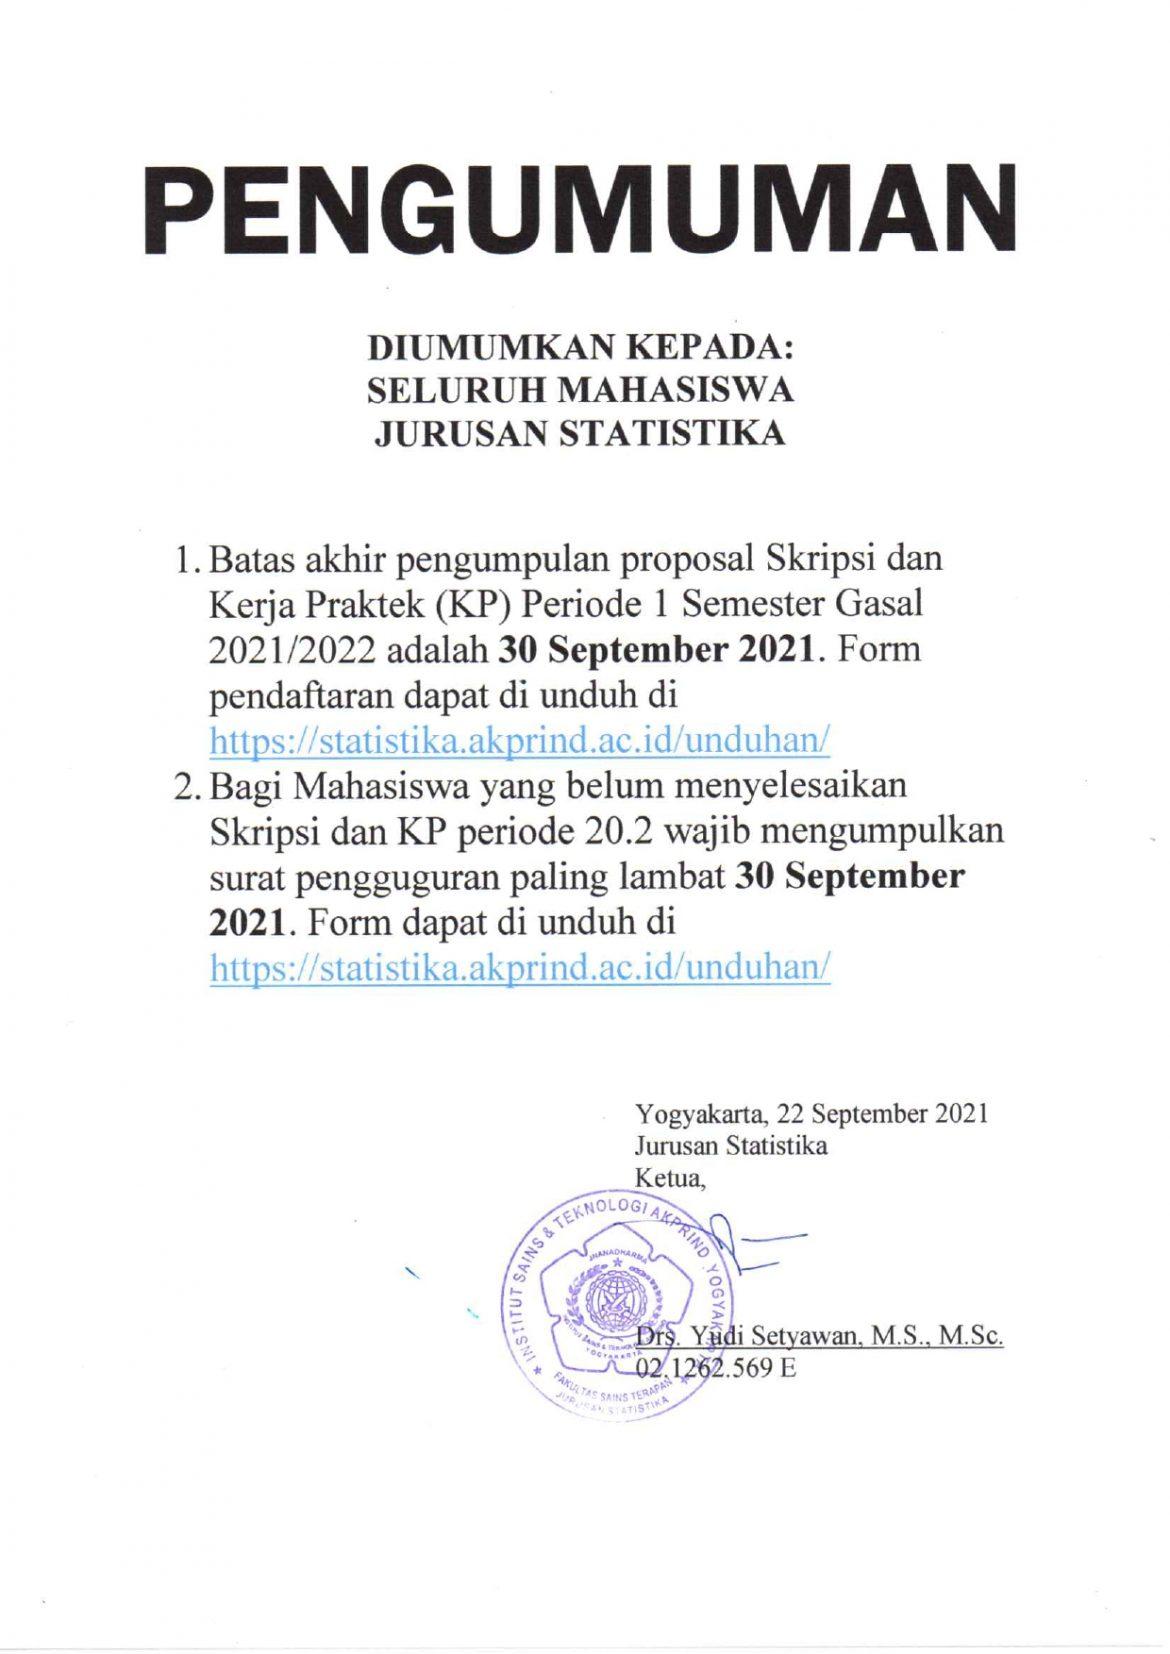 Pengumuman Pendaftaran dan Pengguguran Skripsi